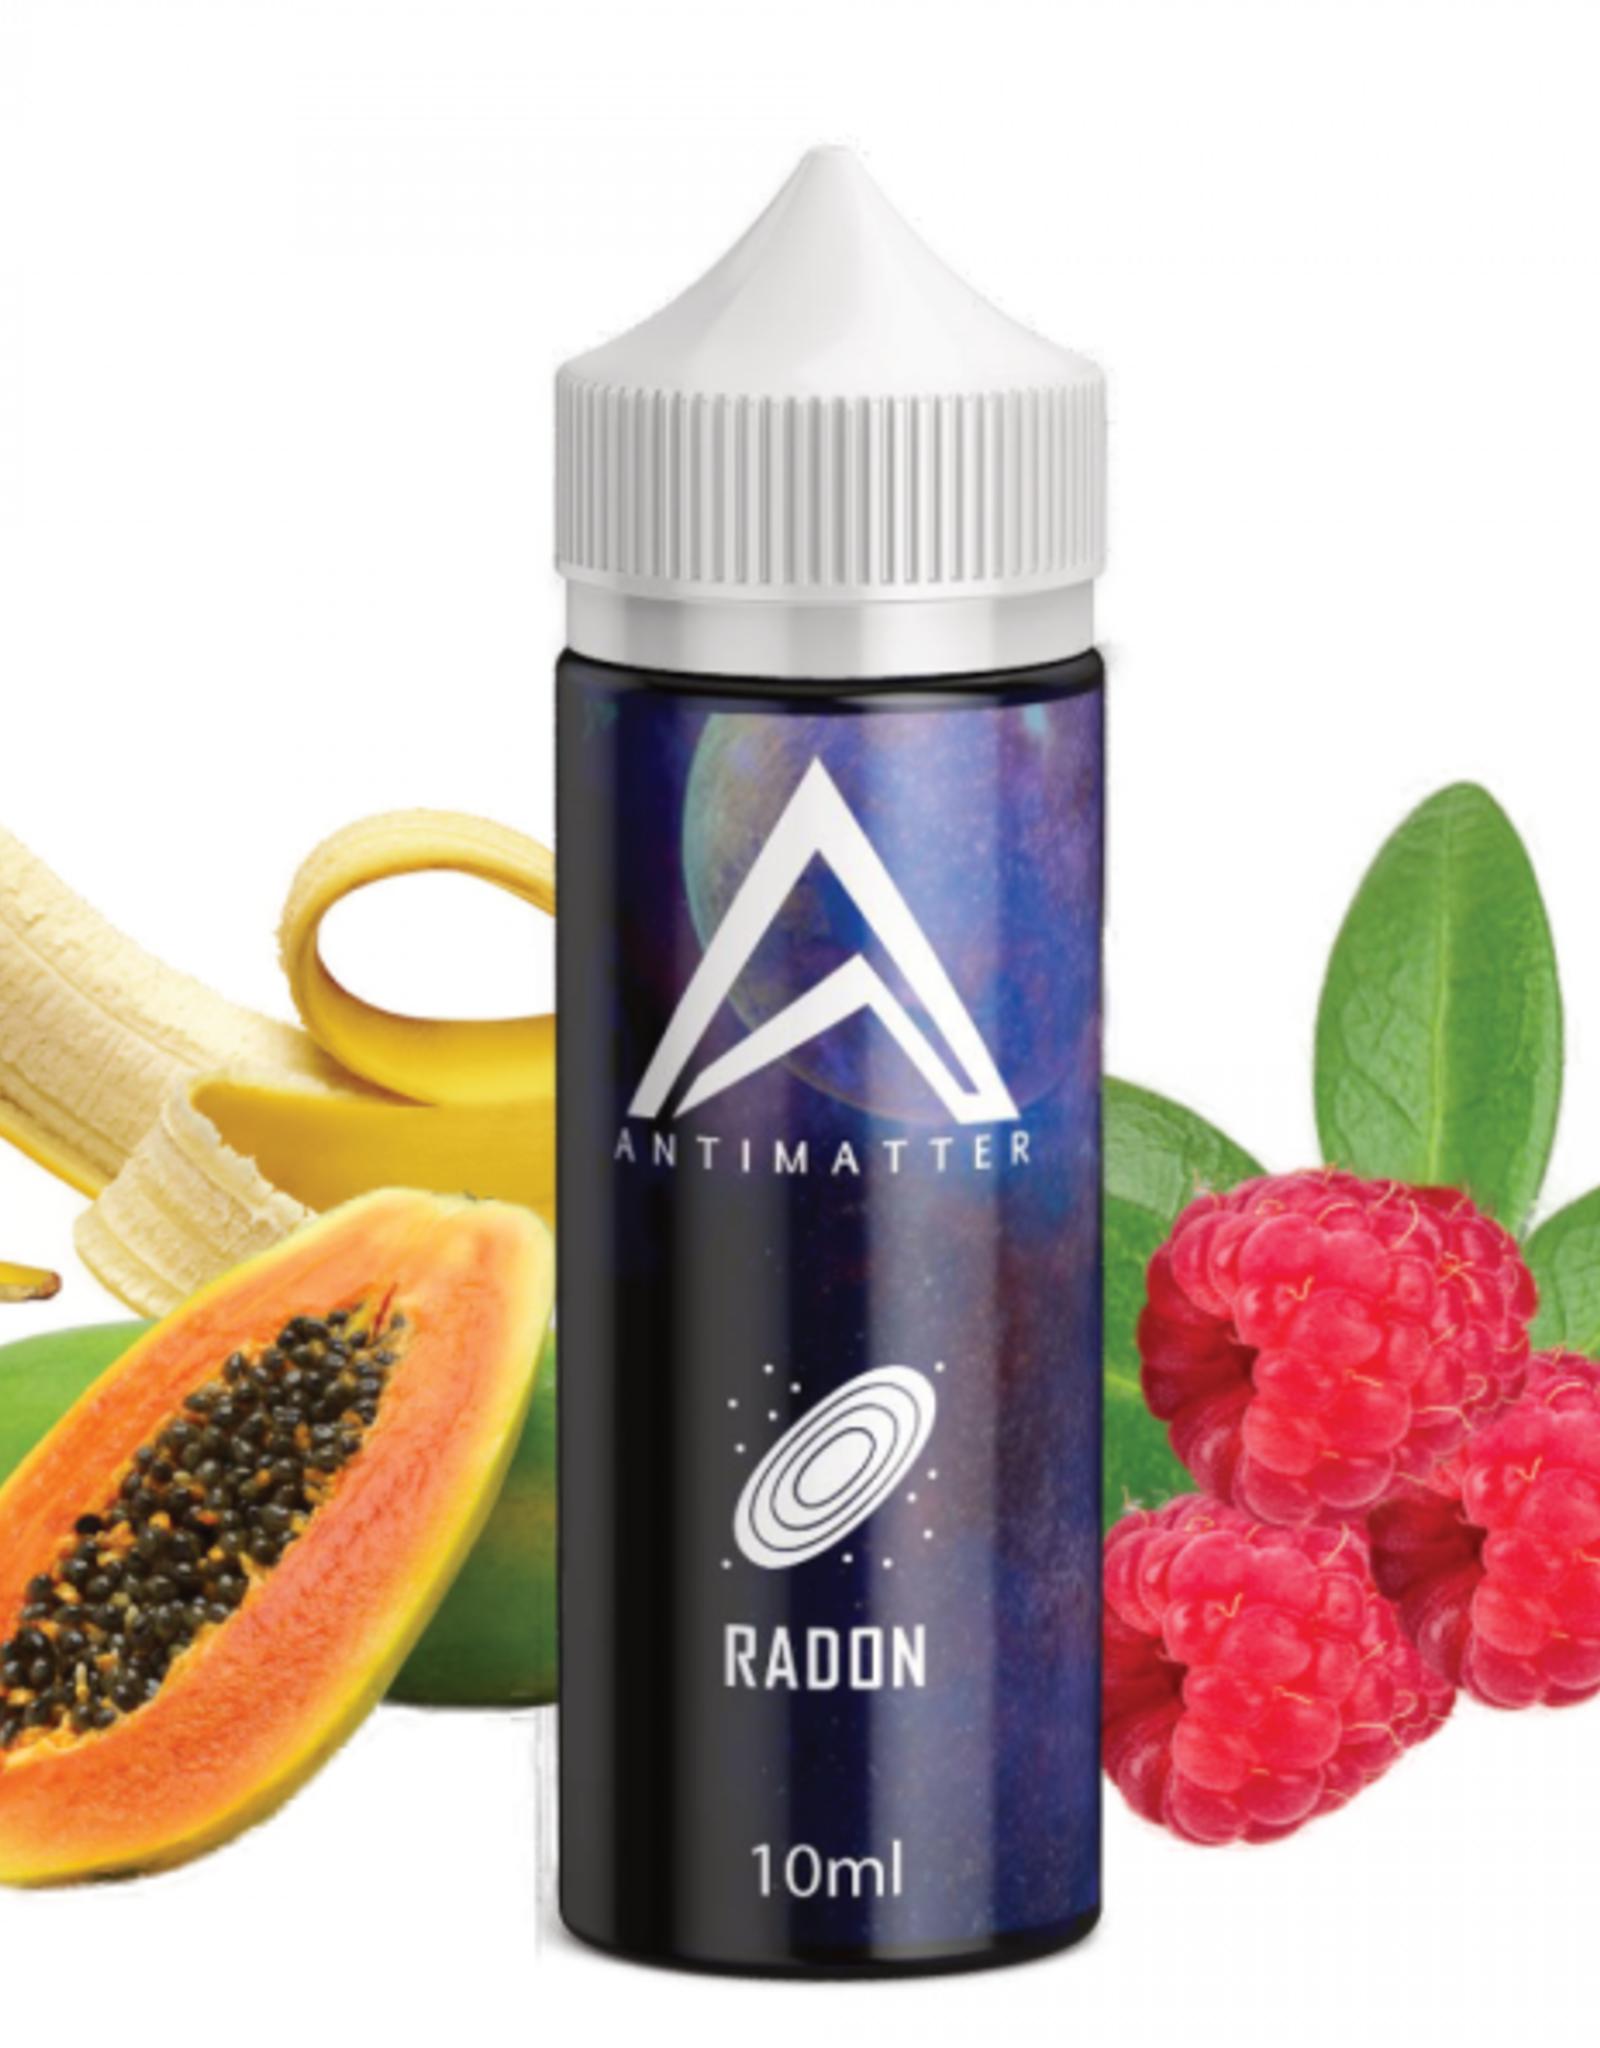 Antimatter Antimatter - Radon 10ml